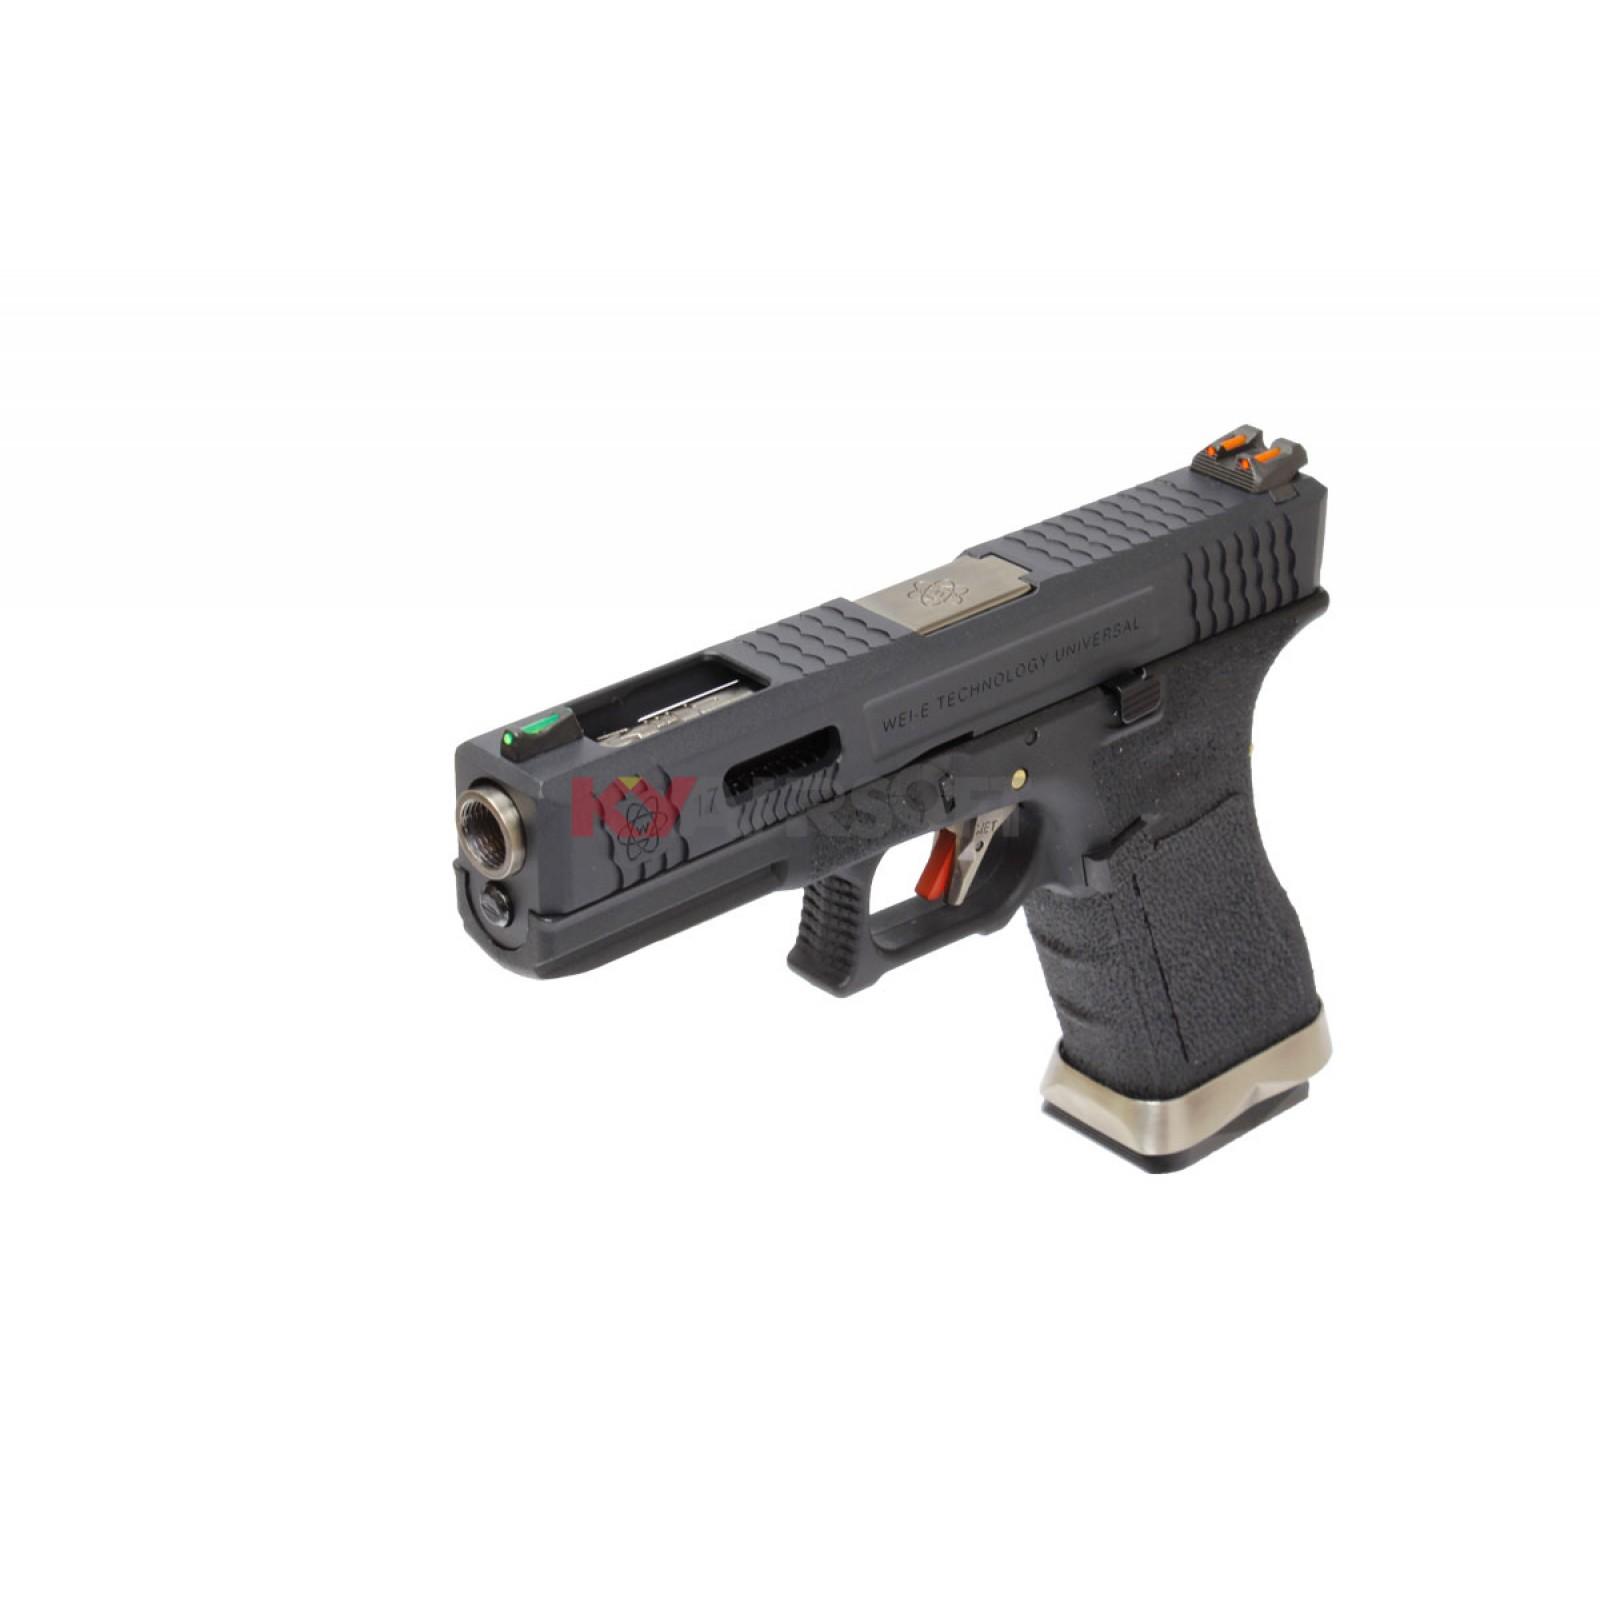 WE G17 T5 - BK Slide/SV Barrel/BK Frame - G17 - WE G Series (Glock